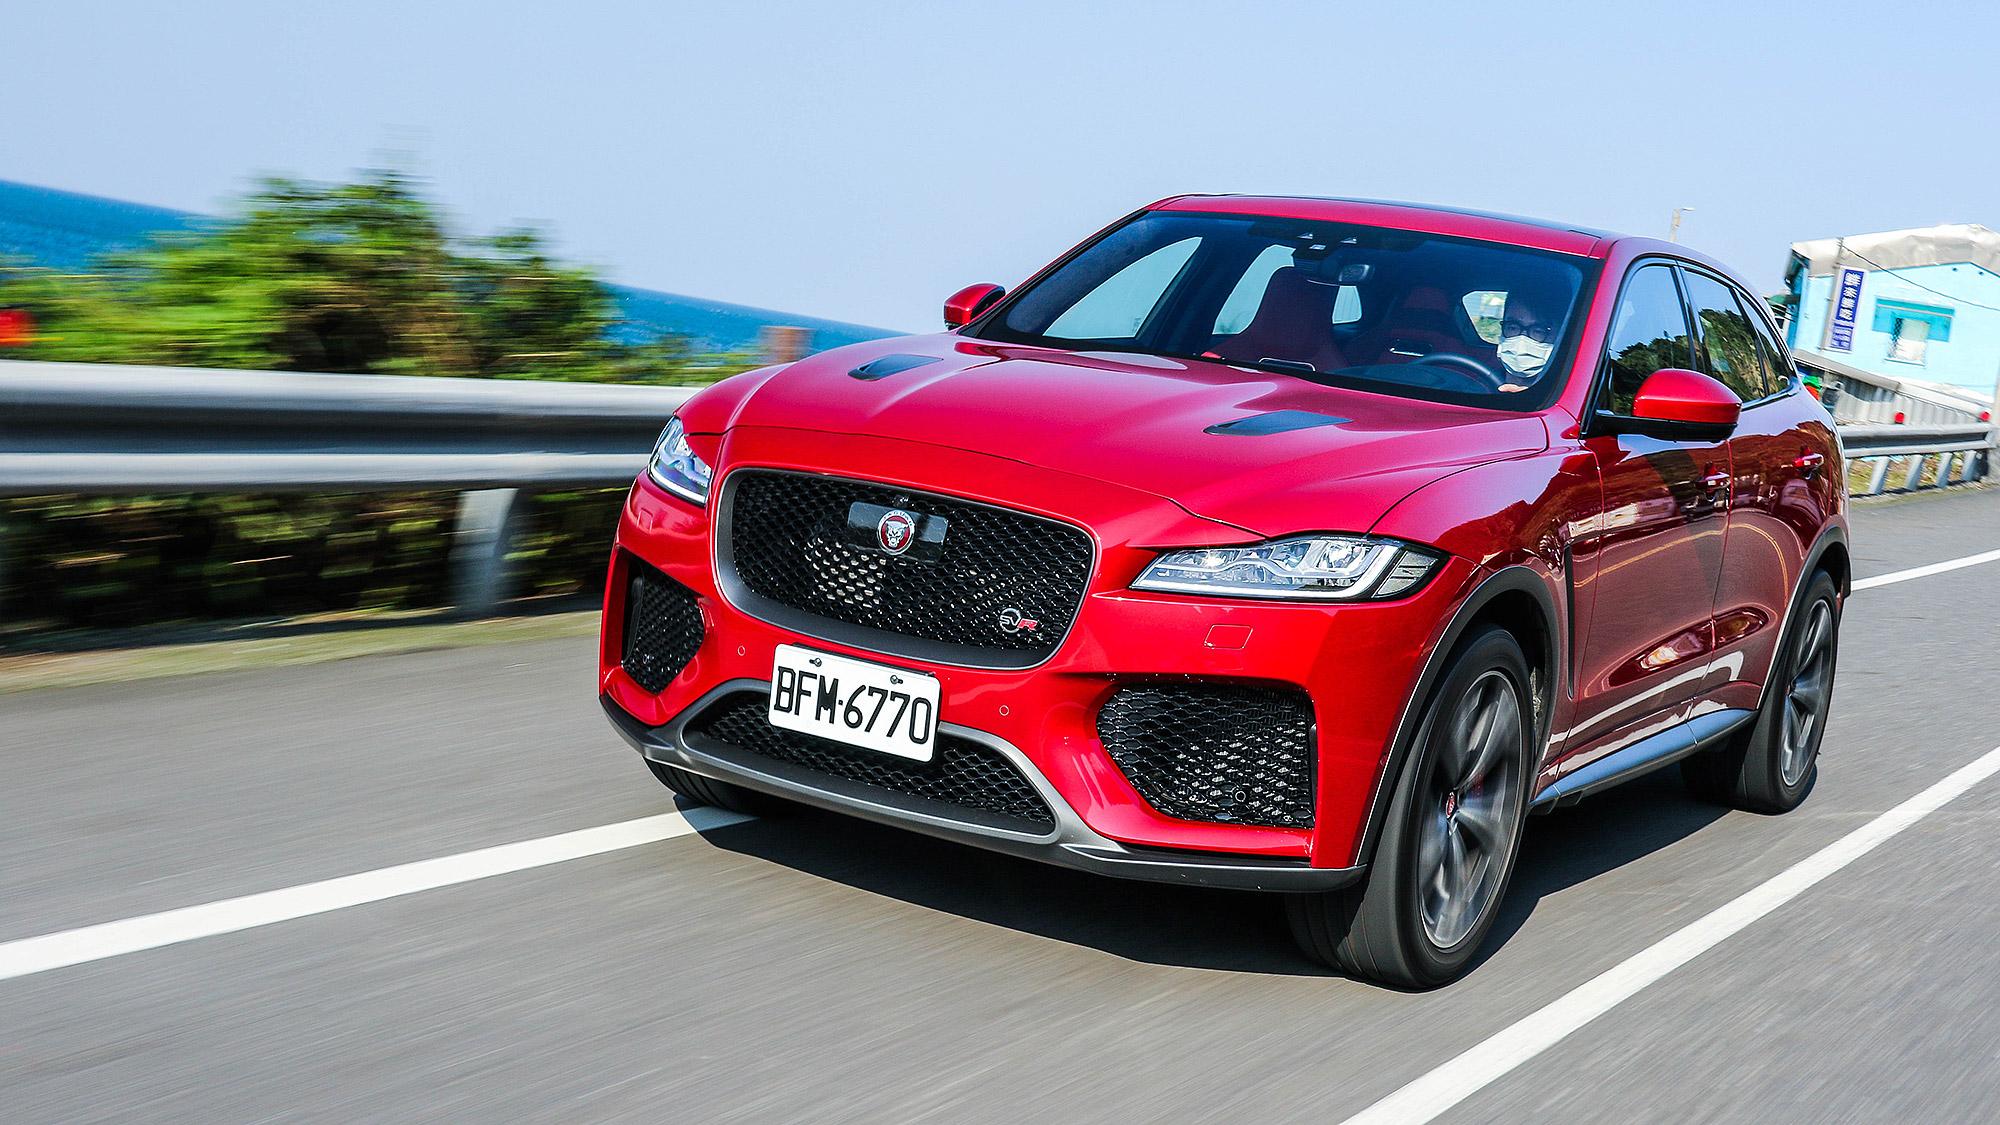 性能跑格通通 Level Up , Jaguar F-Pace SVR 不只超值更是個性滿點